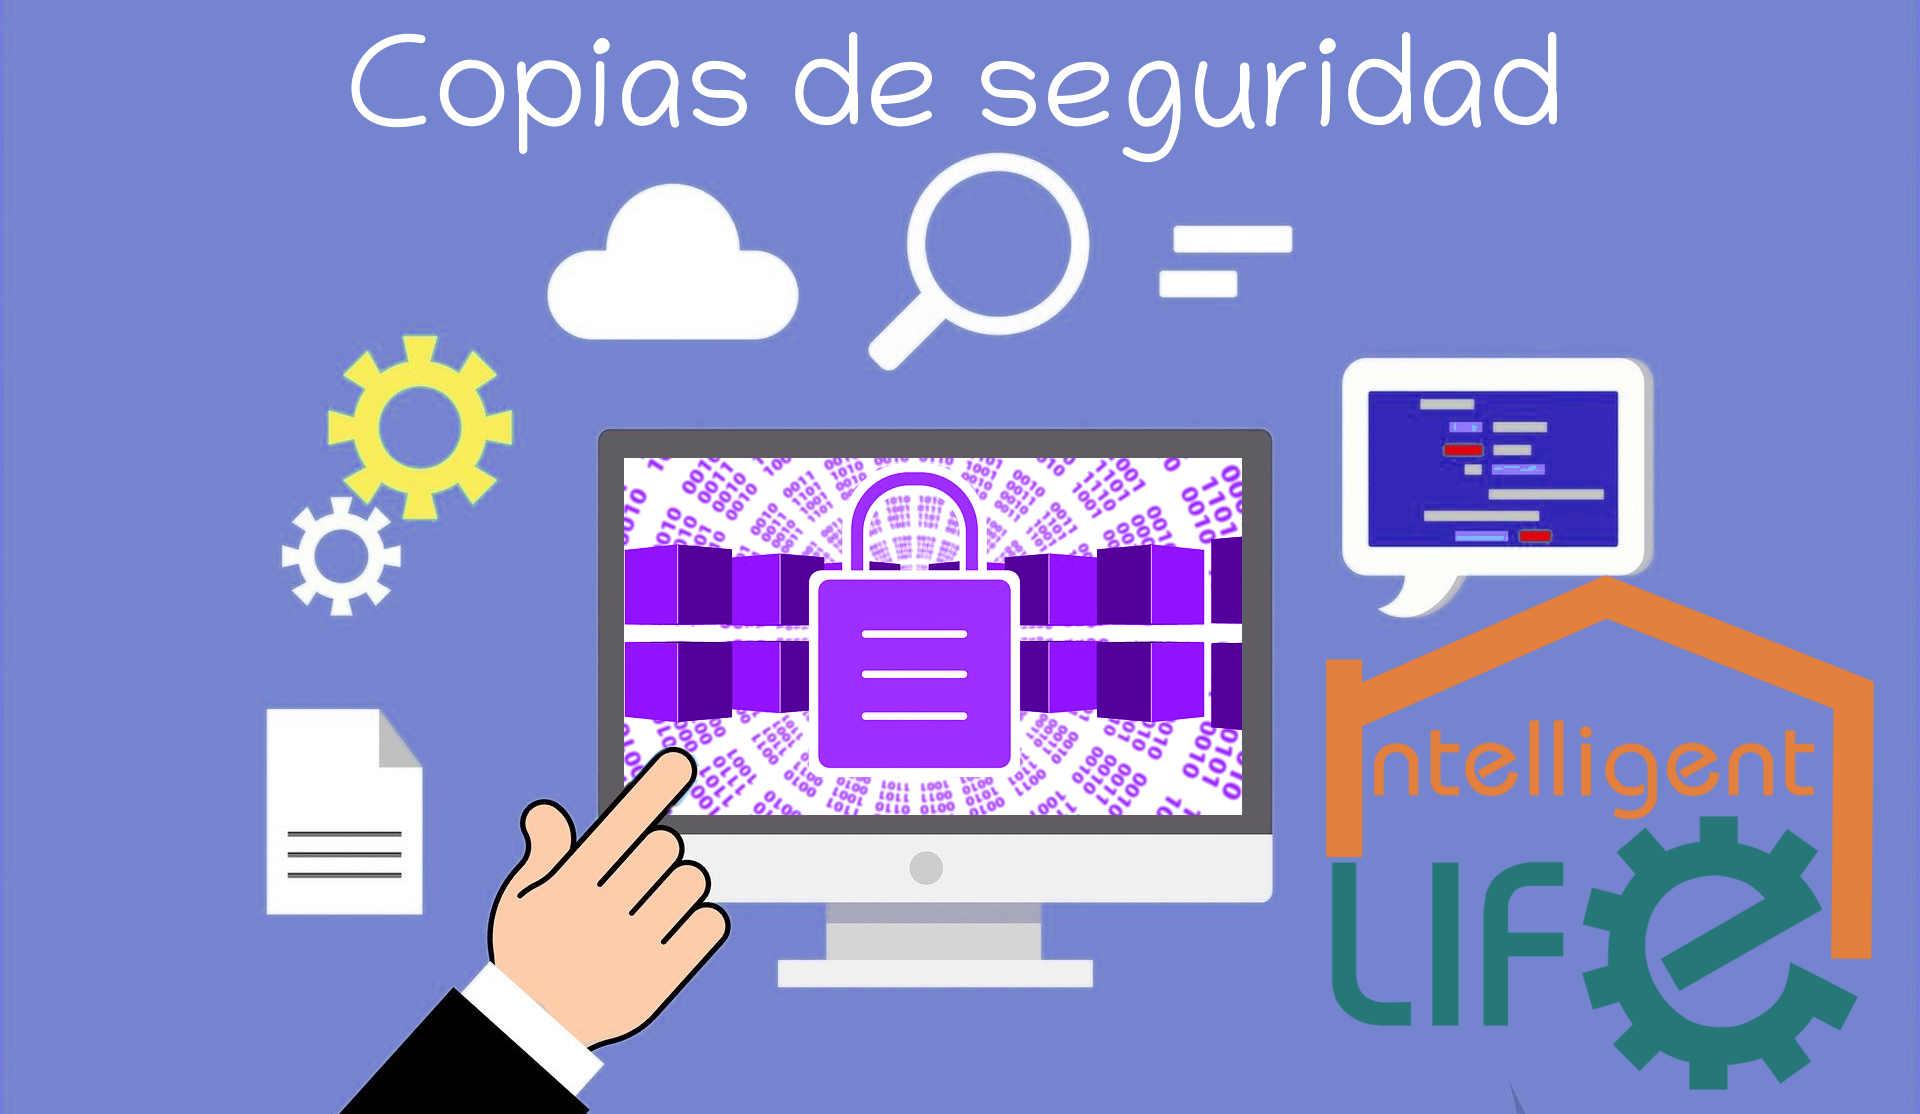 Servicio Copias de seguridad con Intelligent Life